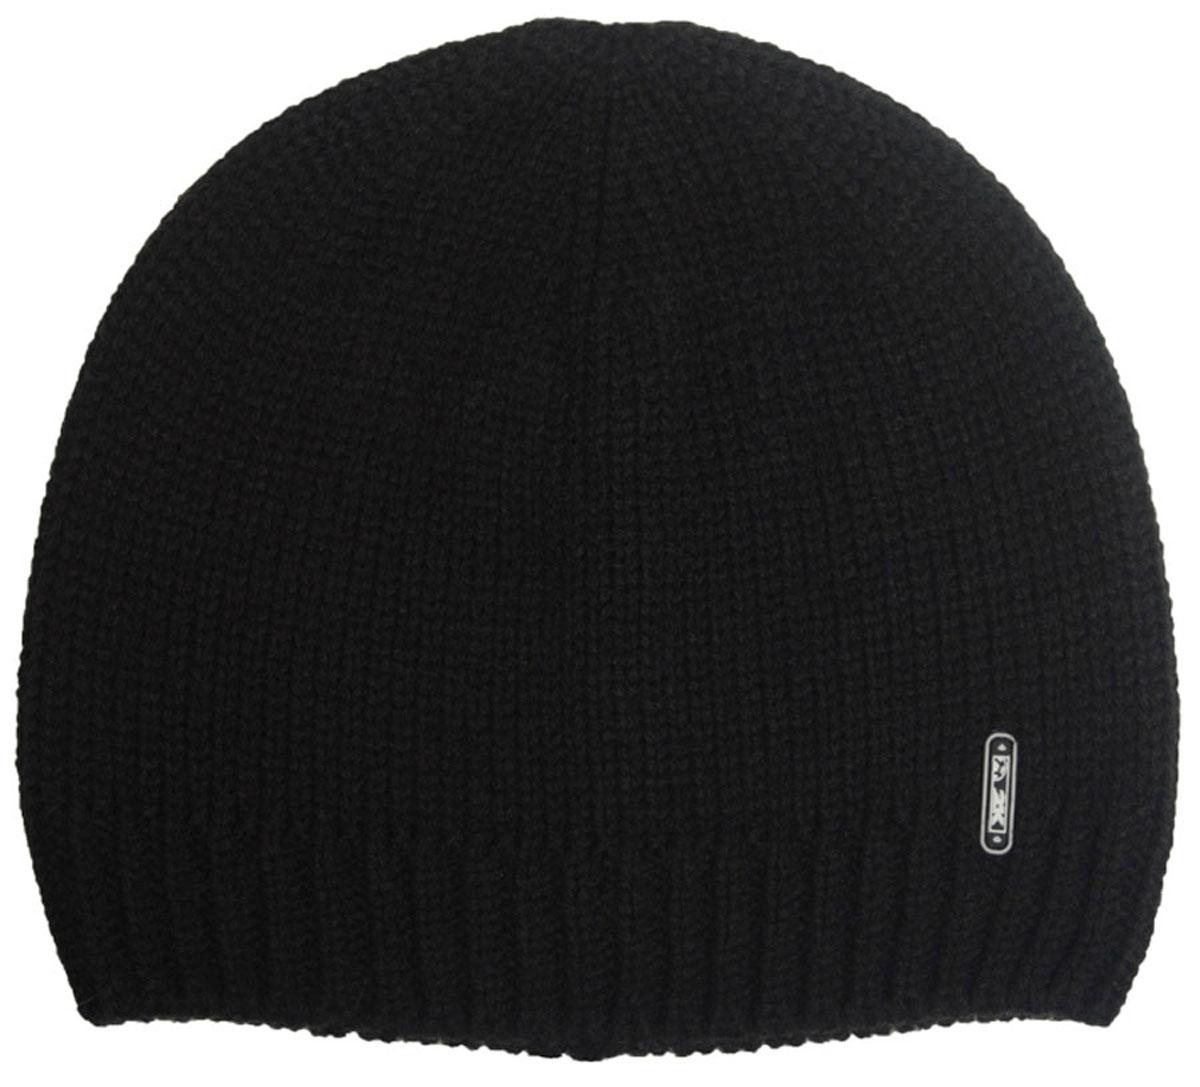 Шапка124031_blackСтильная вязаная шапка 2K Sport Agio выполнена из акрила и шерсти. Шапка оформлена фирменной нашивкой. Низ модели связан резинкой. Уважаемые клиенты! Размер, доступный для заказа, является обхватом головы.